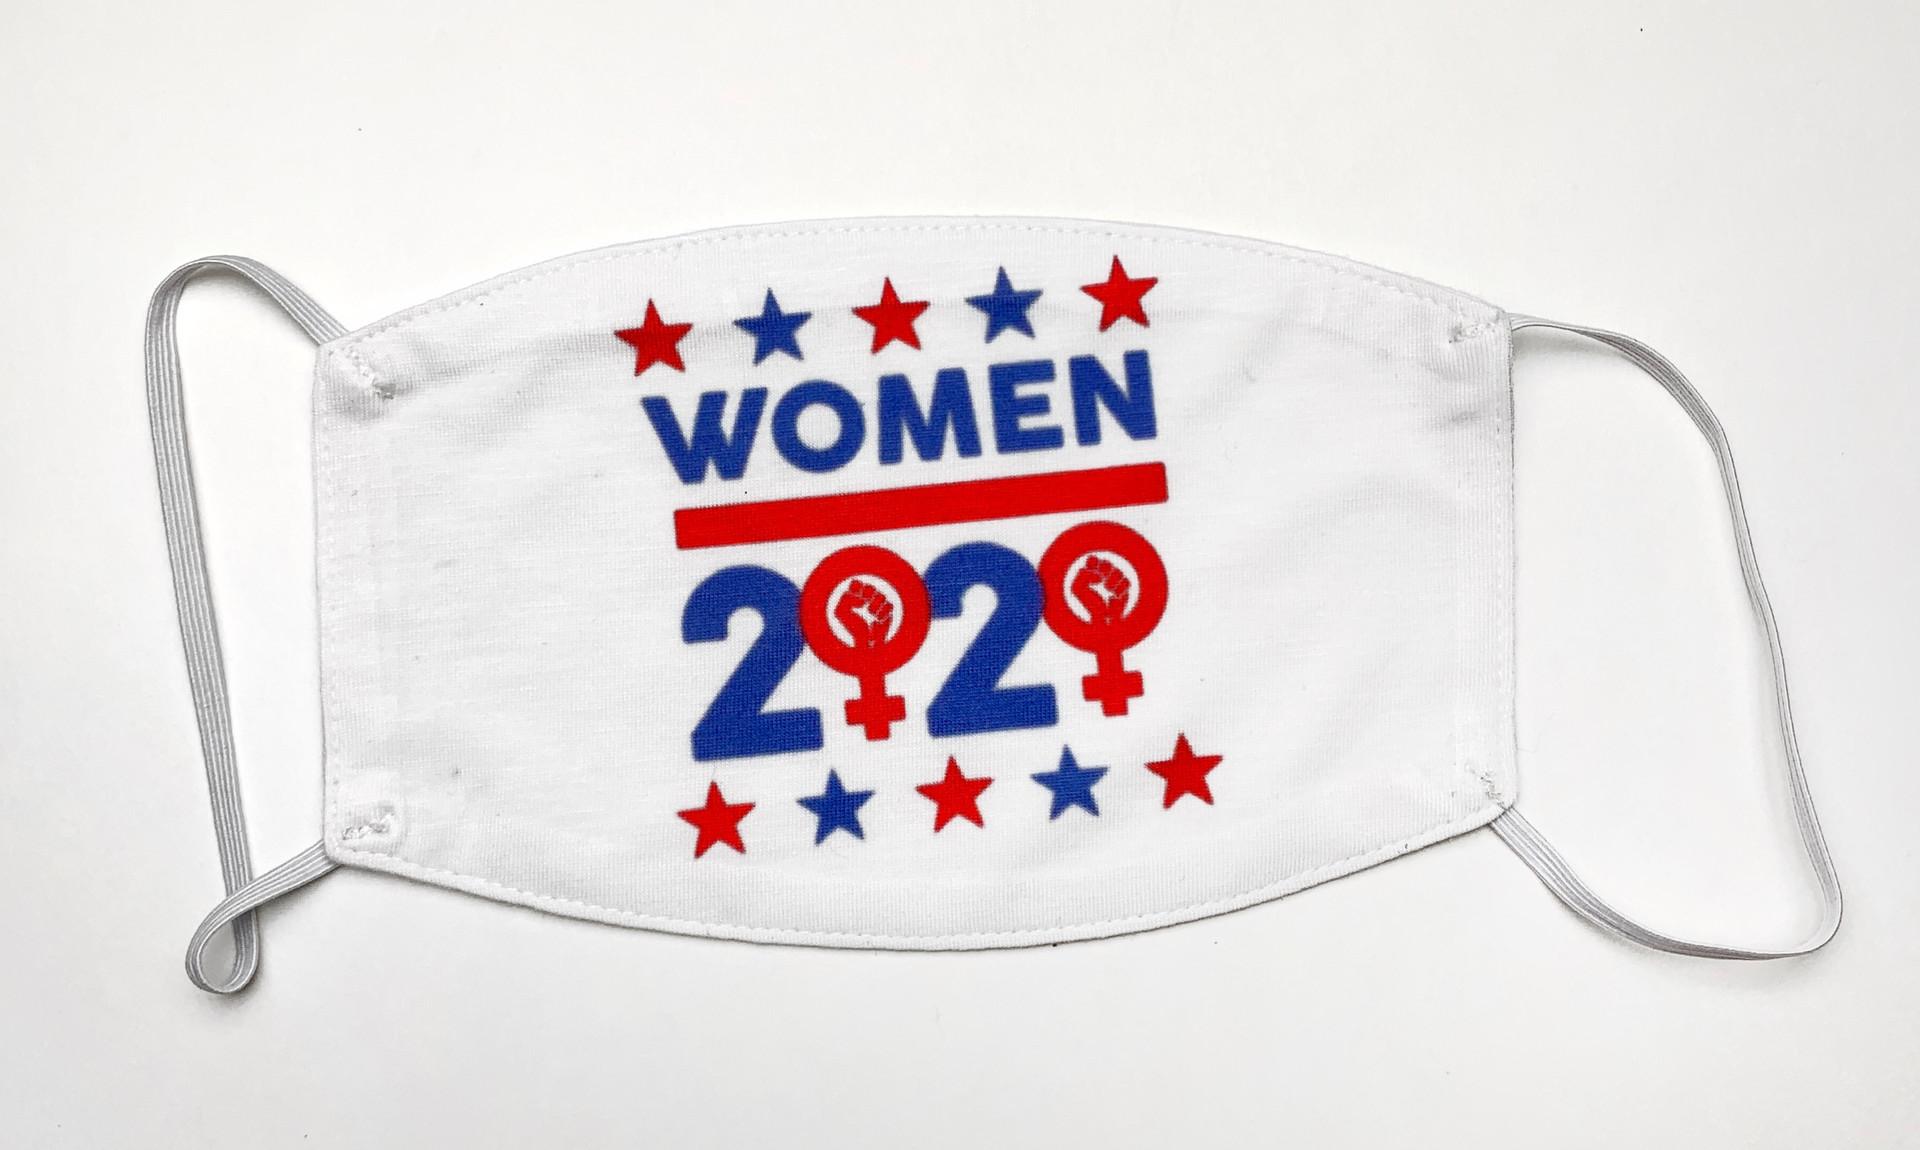 Women 2020